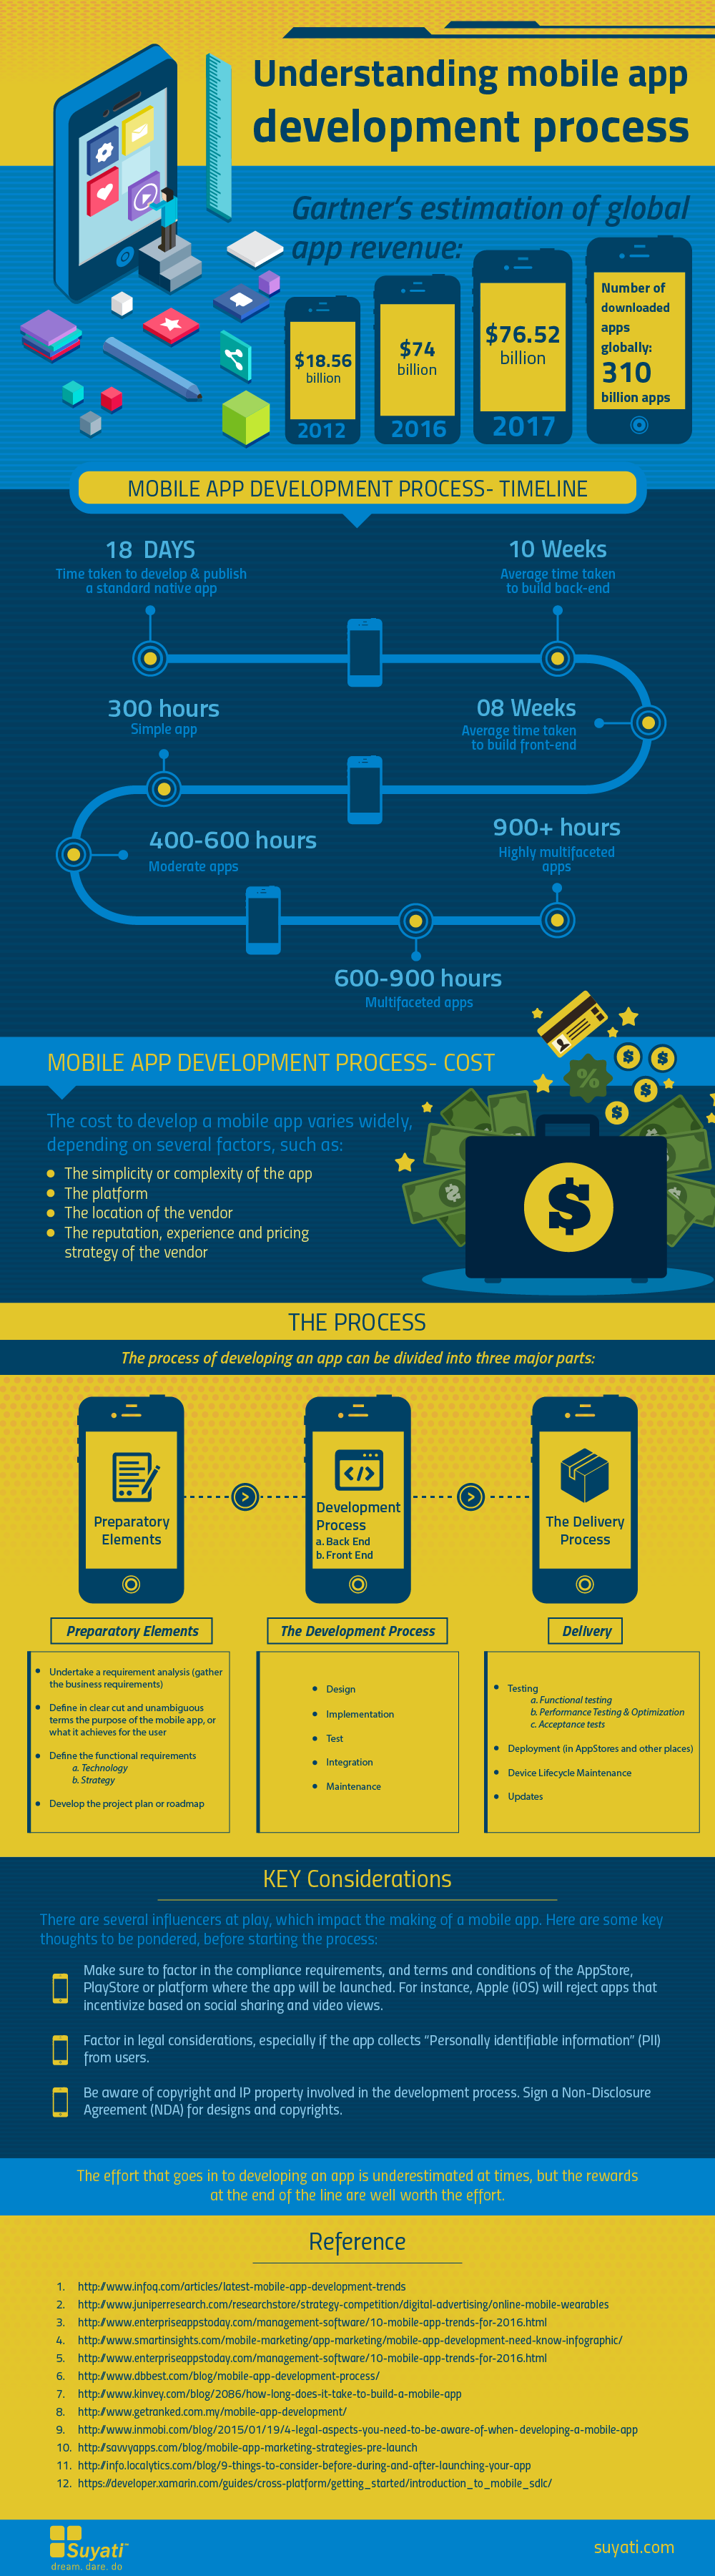 Understanding mobile app development process